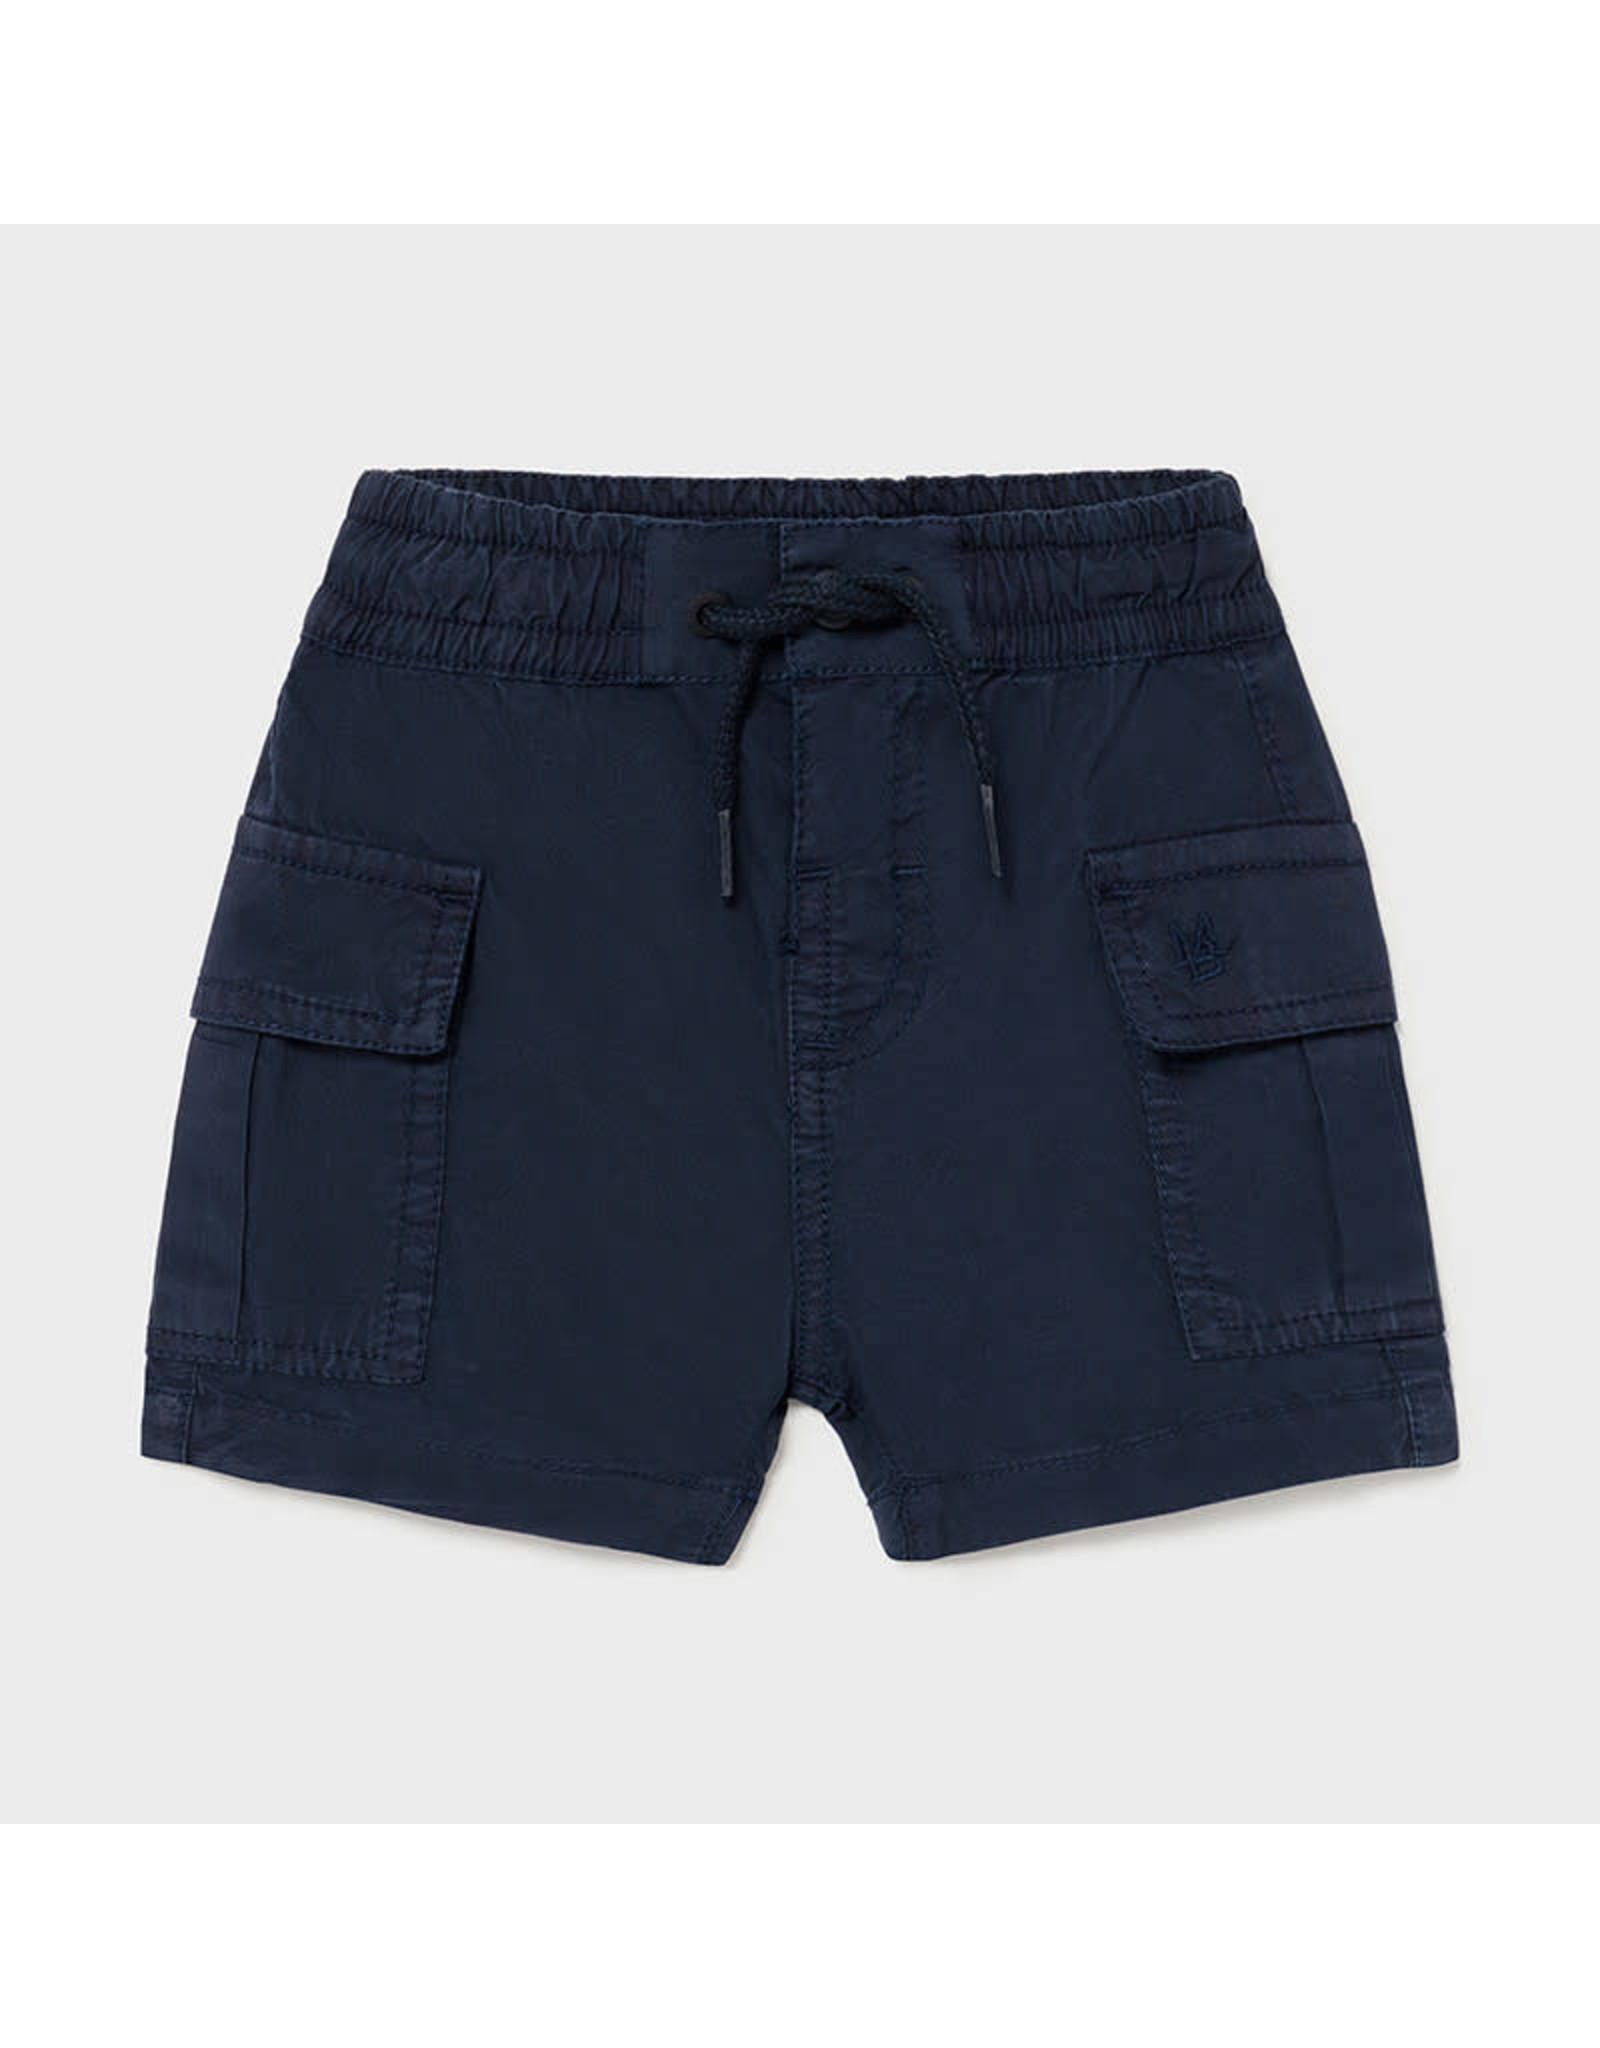 Mayoral Cargo shorts